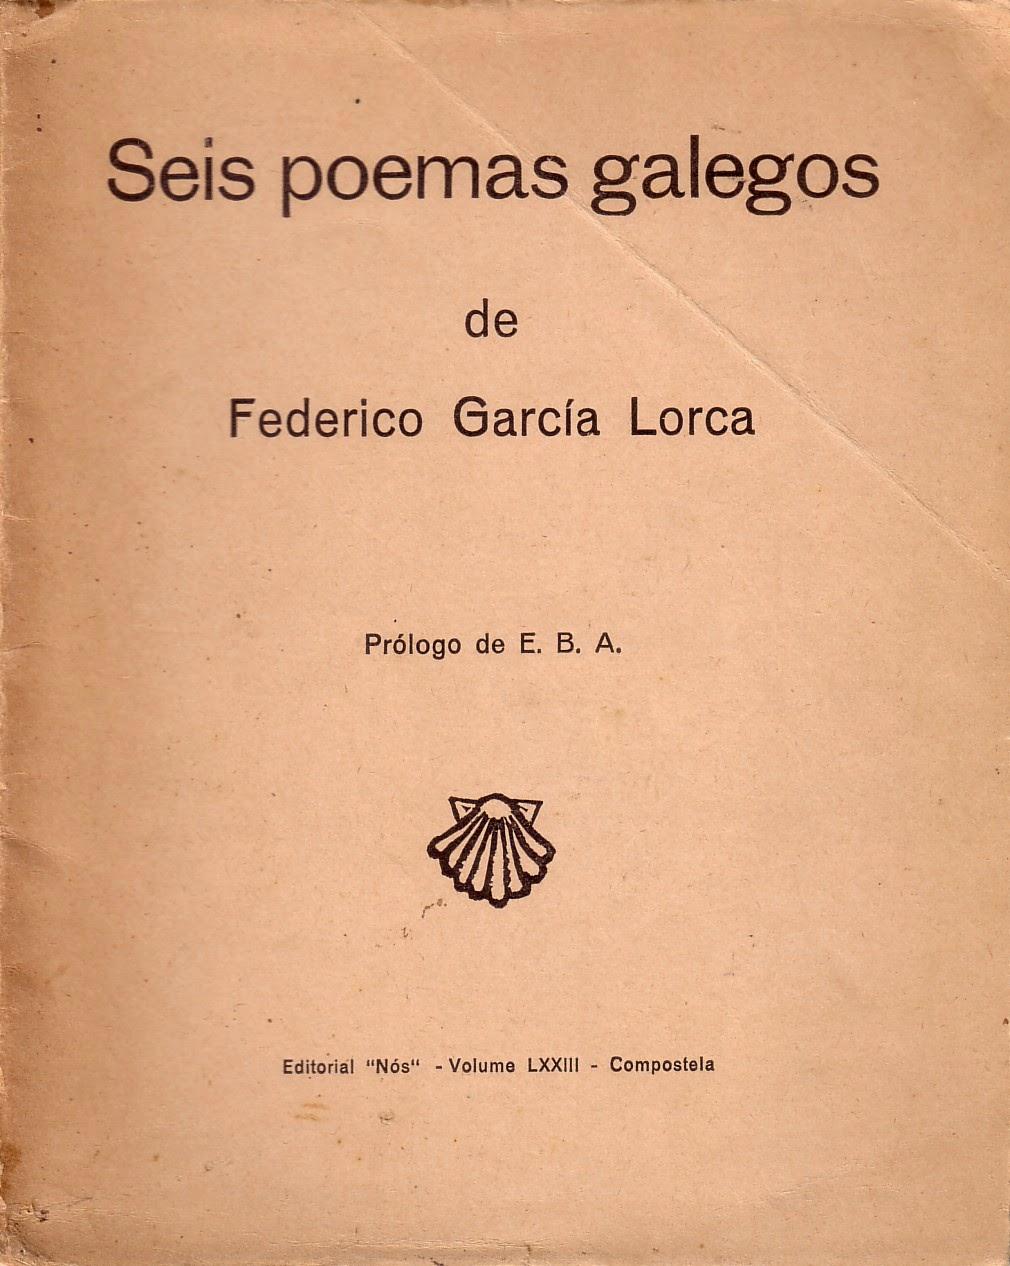 100 anos da primeira visita de Lorca a Galicia